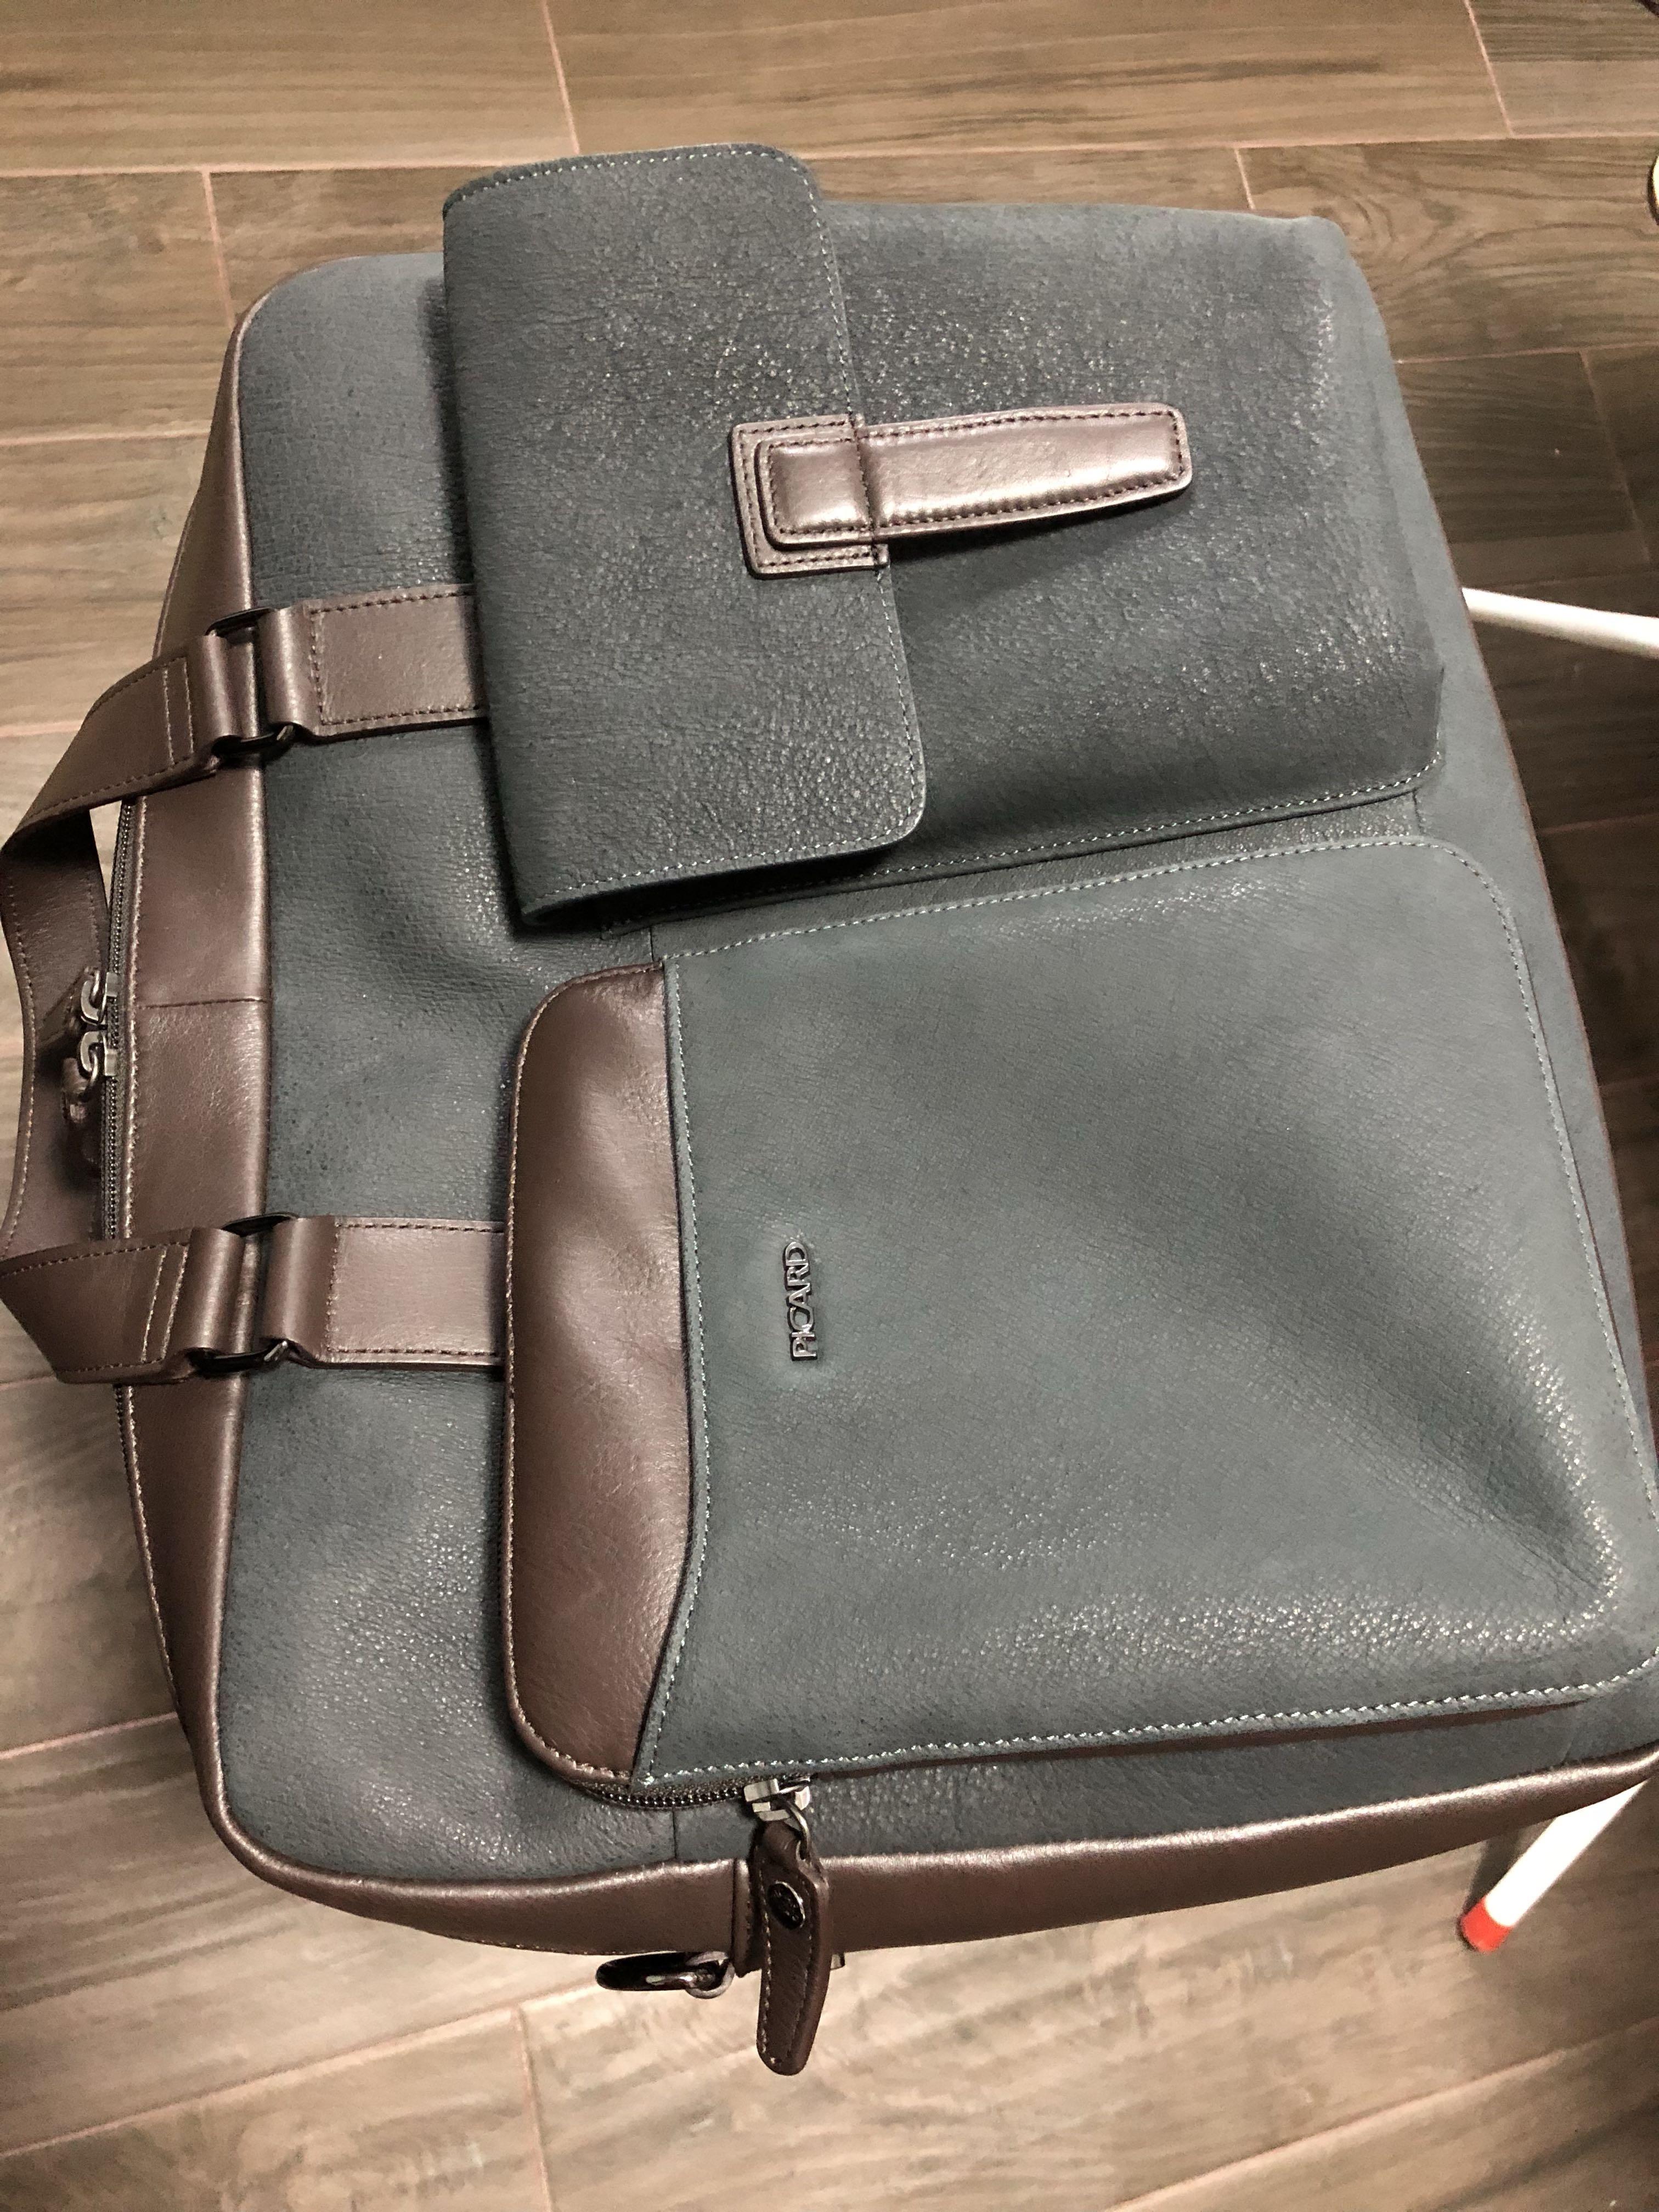 4a59ed343d8 Authentic Picard Genuine leather waren men bag